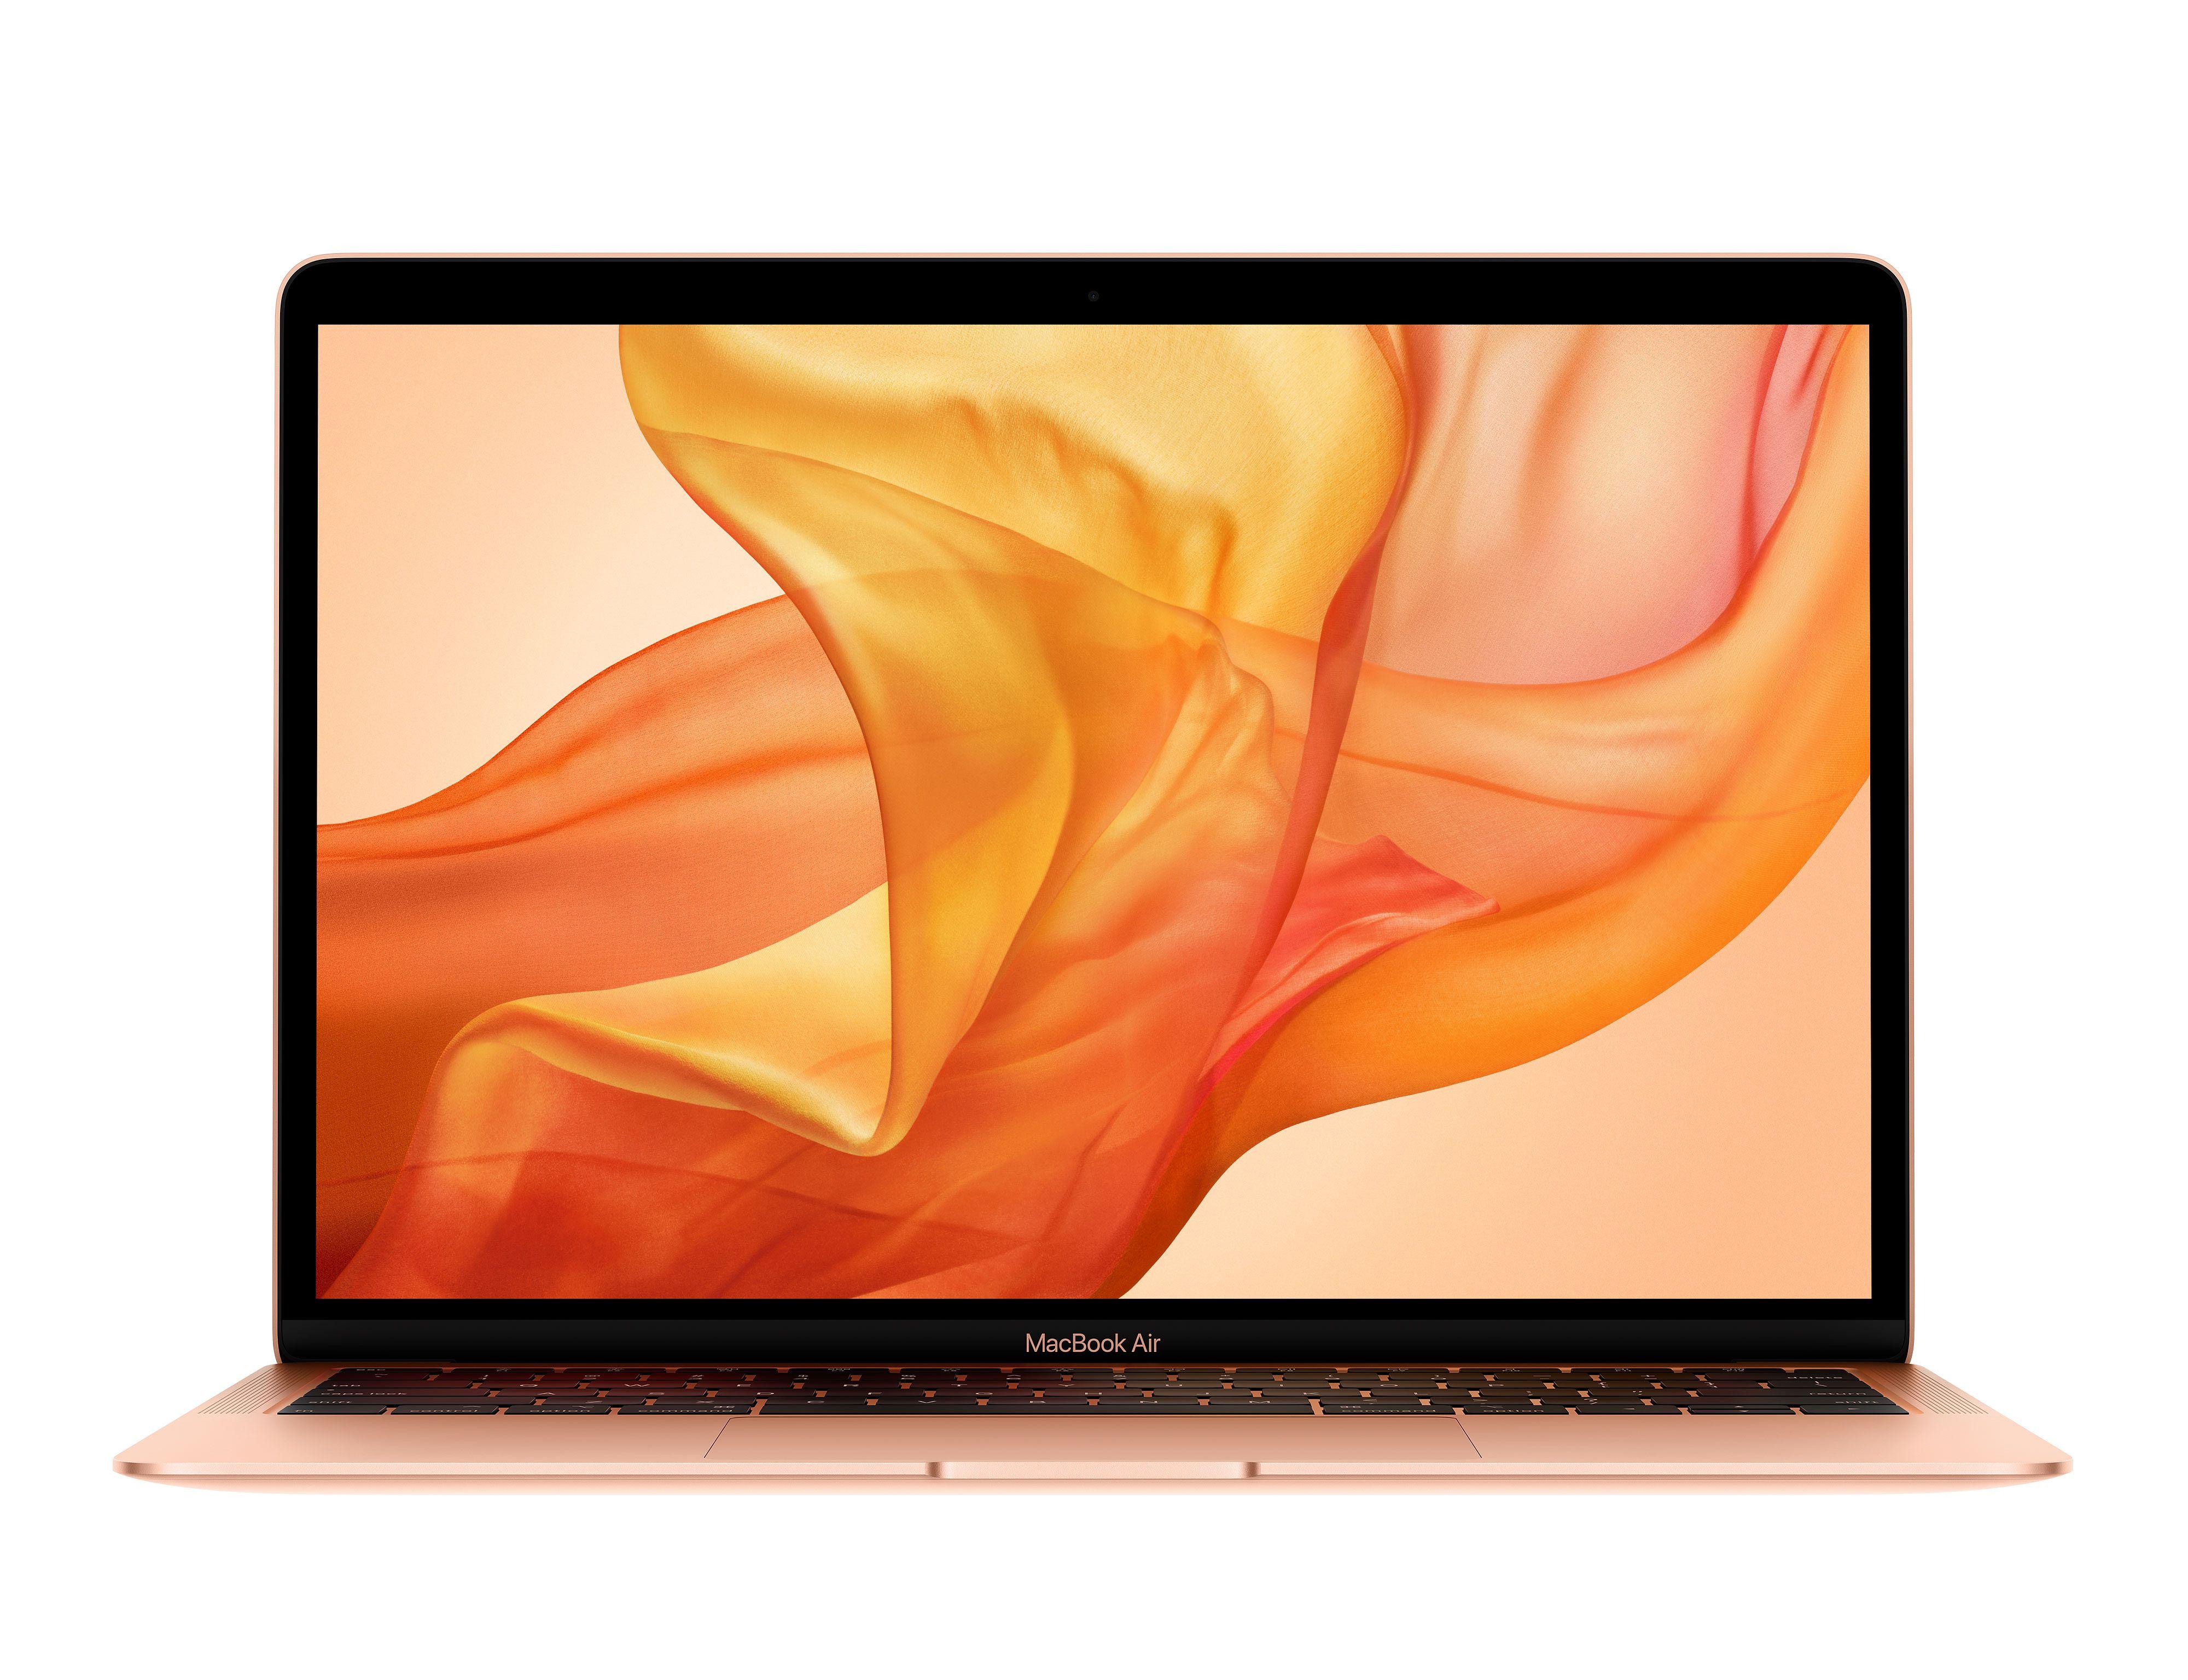 """PC portable 13.3"""" Apple MacBook Air - Retina, Intel Core i5, 8 Go de RAM, 128 Go en SSD - QWERTZ (Frontaliers Suisse)"""